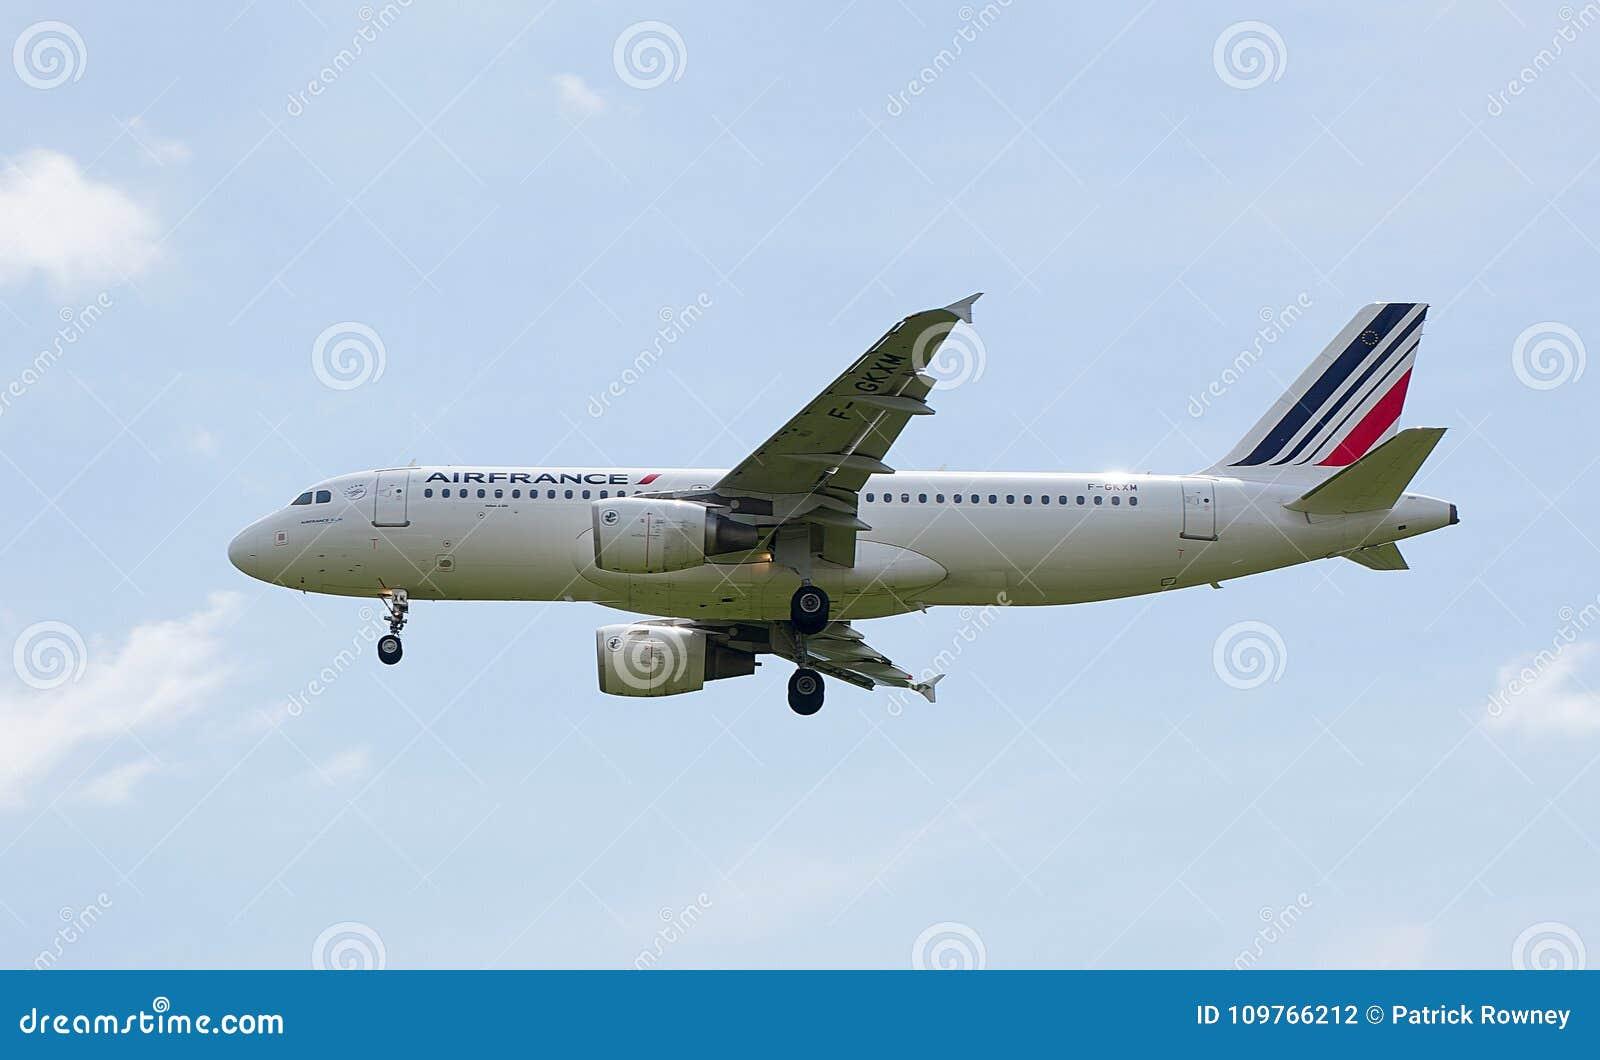 Air France Airbus A320 en acercamiento al aeropuerto de Heathrow